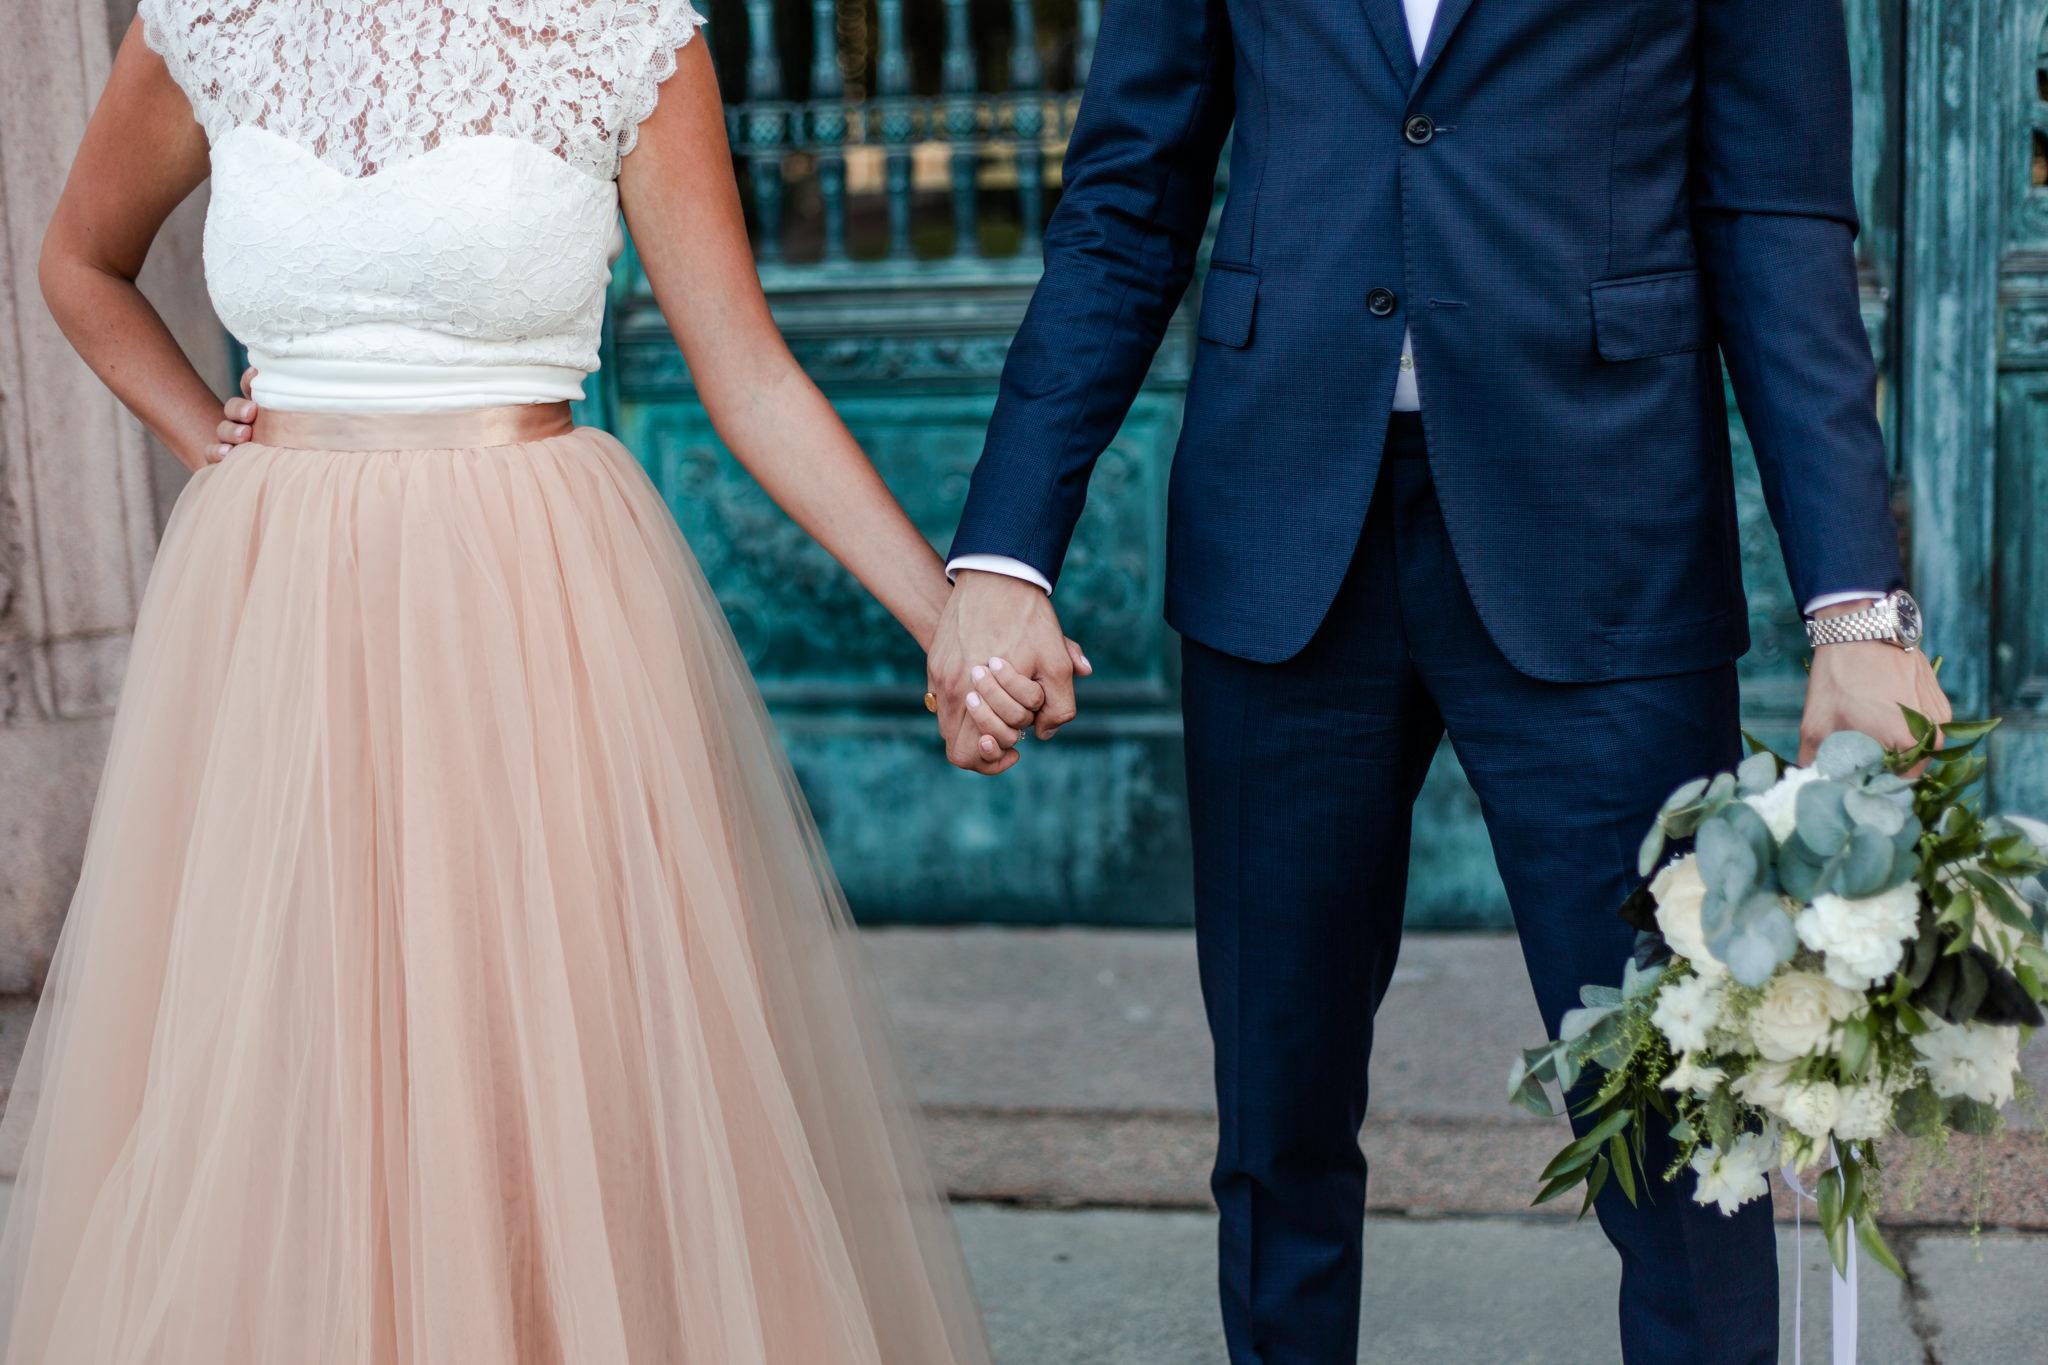 Bröllop utomlands fotografering i Stockholm i samarbete med Sisters in Law